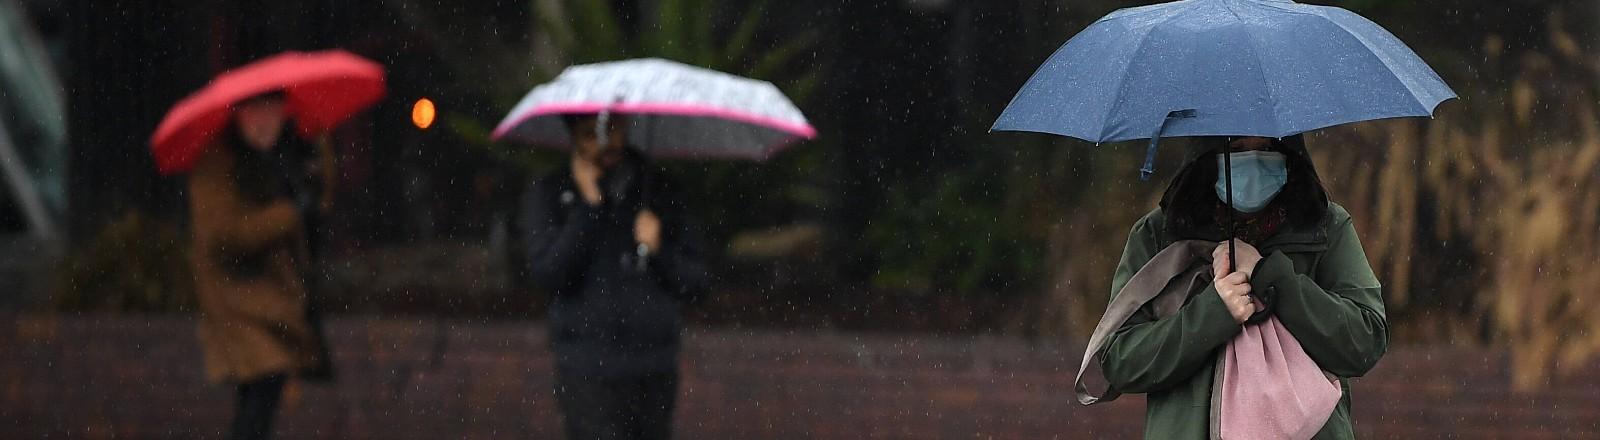 Menschen mit Maske laufen mit Regenschirm im Regen